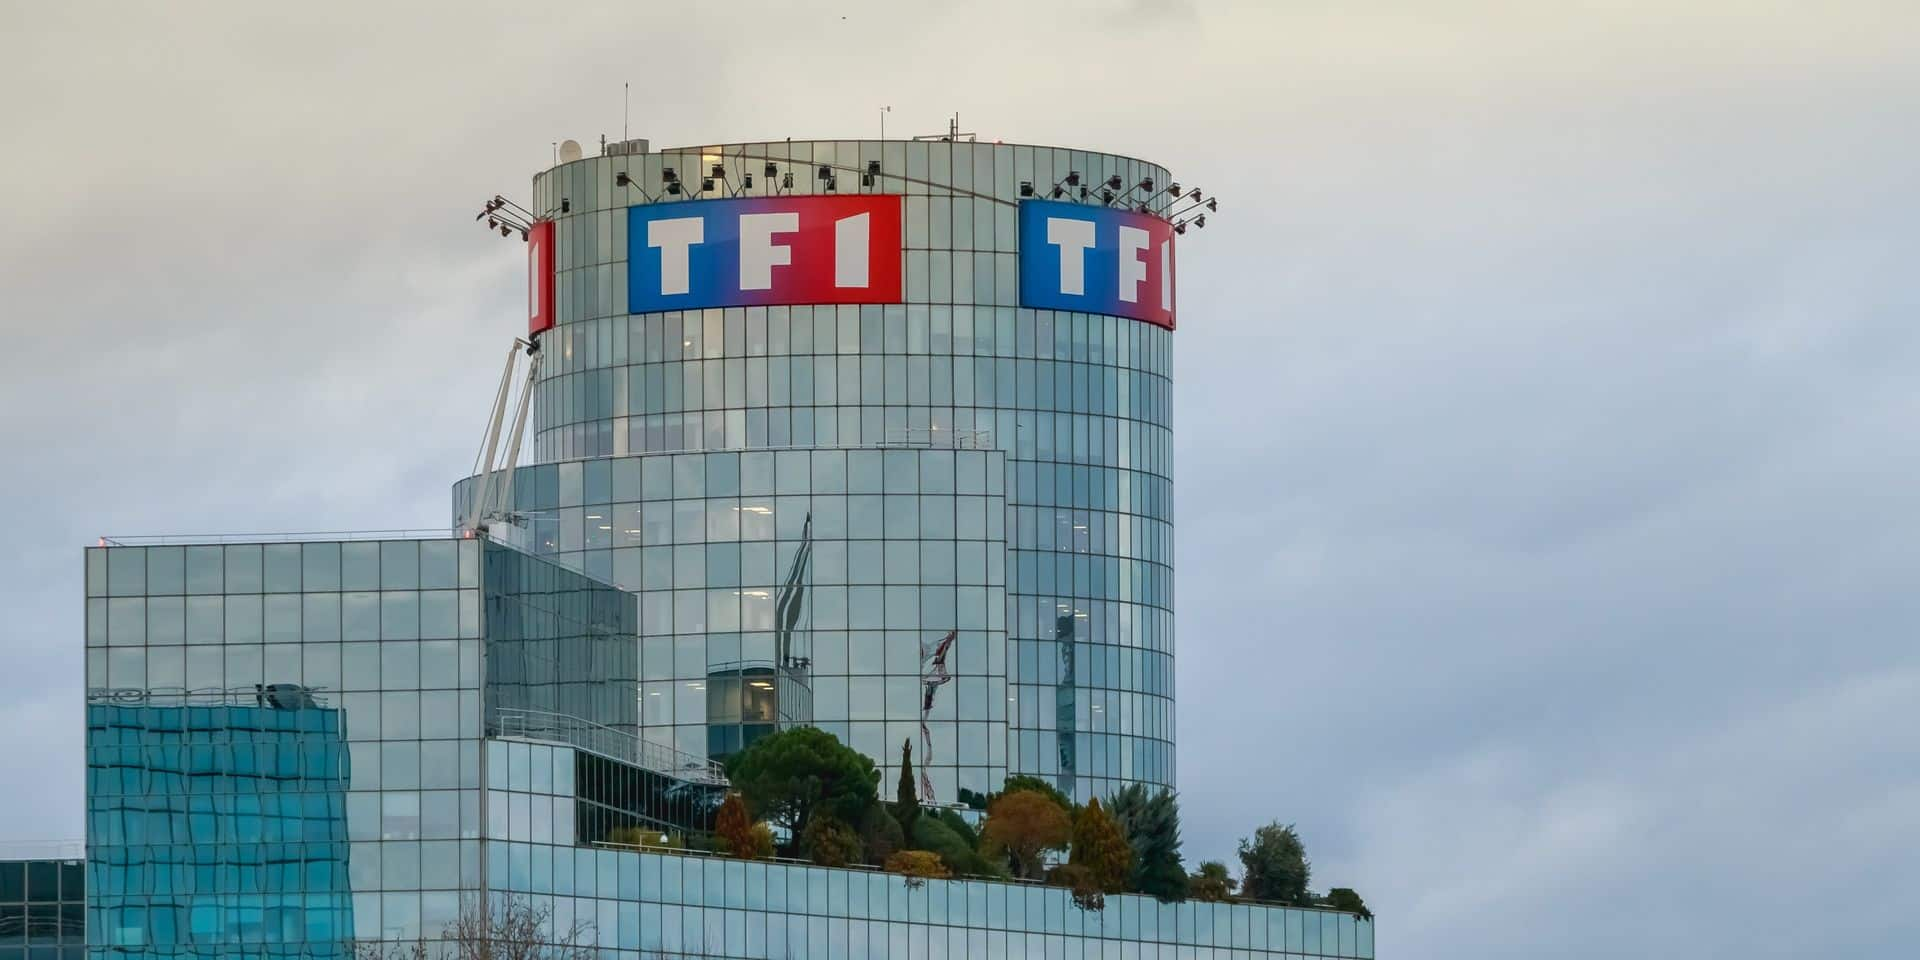 Séisme dans le paysage médiatique français : le groupe TF1 fusionne avec M6